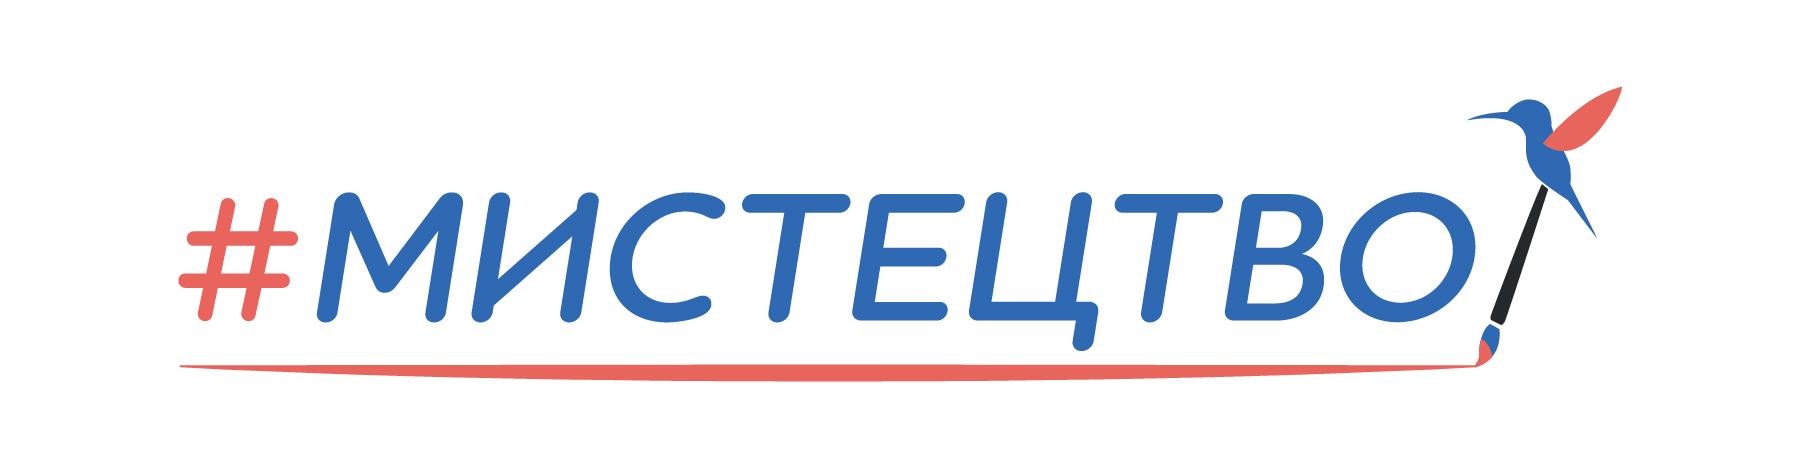 Логотип конкурса #МИСТЕЦТВО